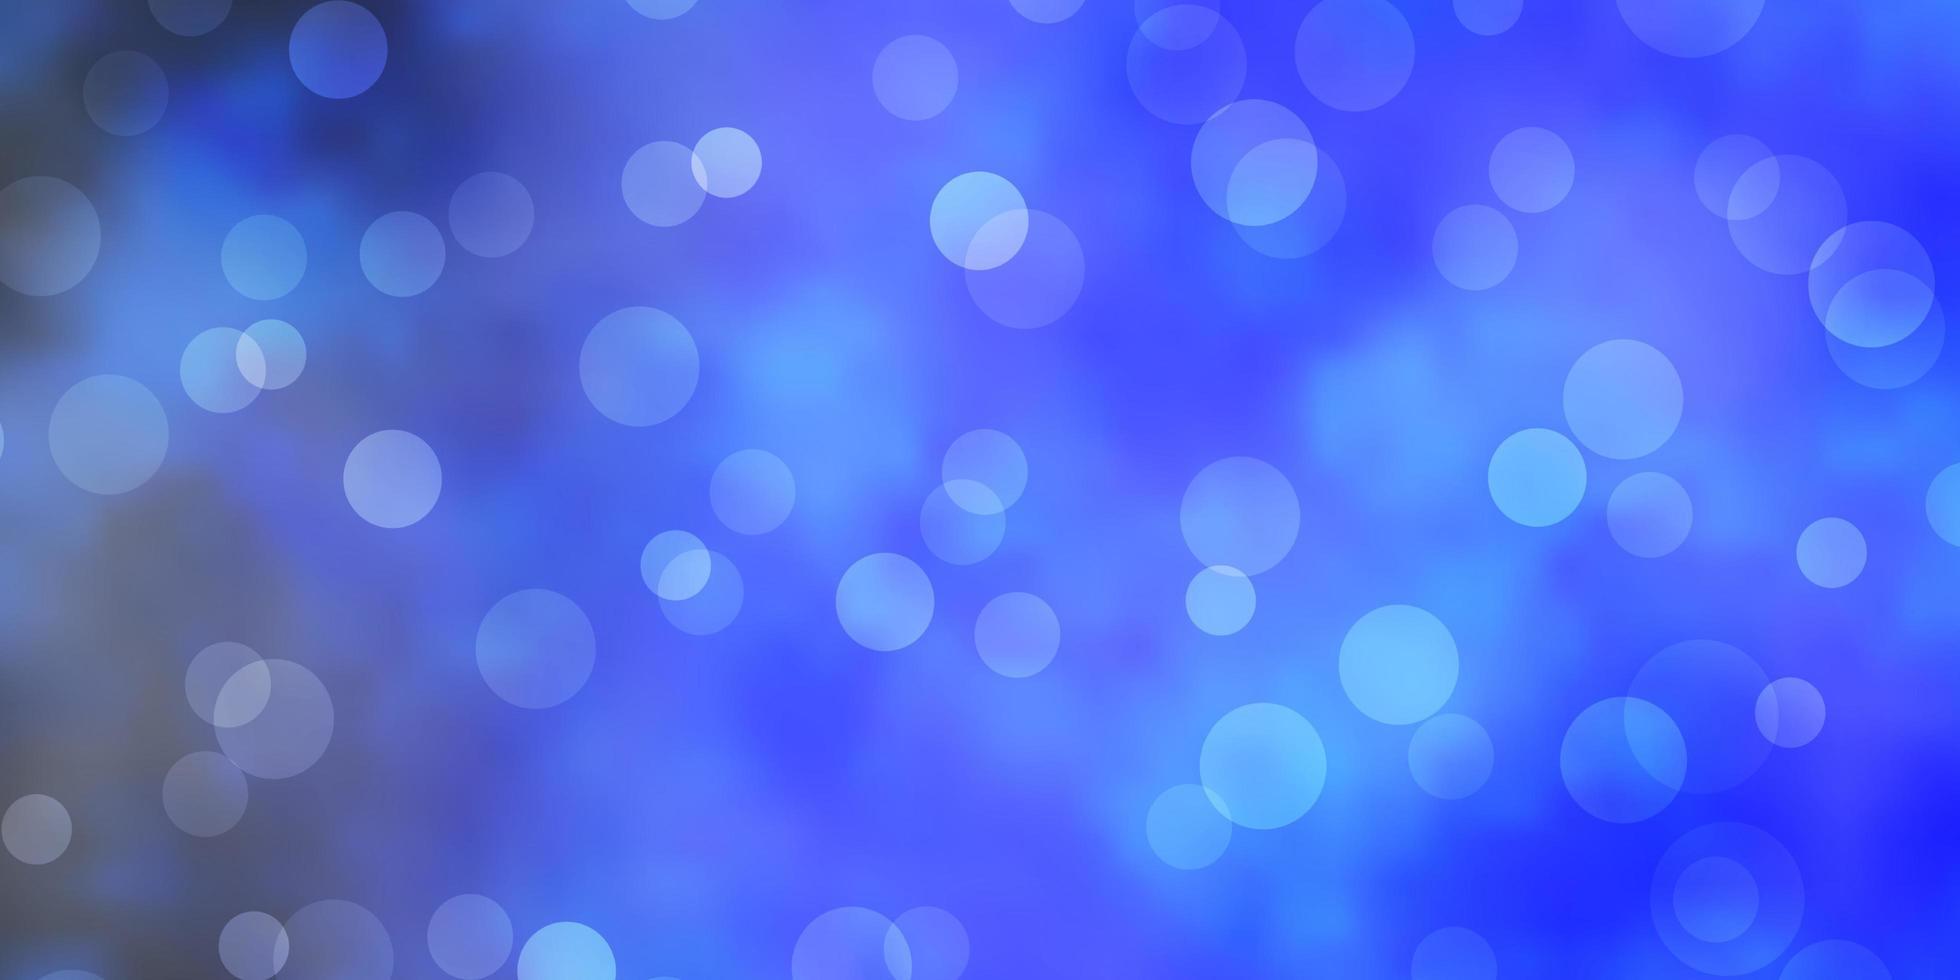 modello blu con cerchi. vettore